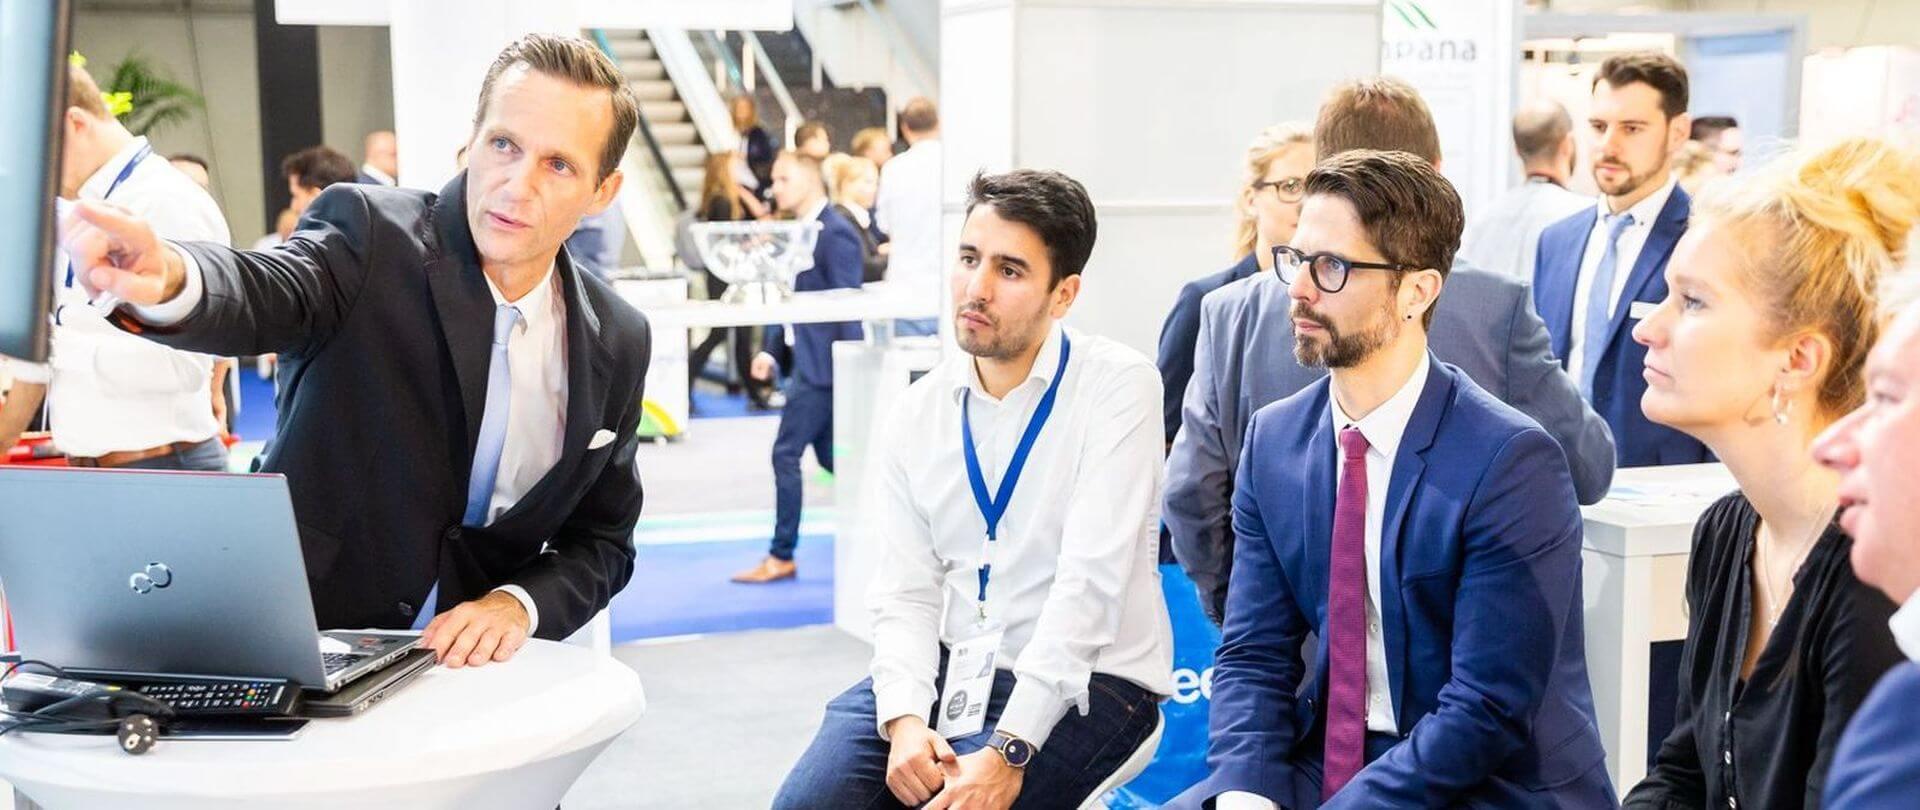 Individuelle Seminare und Coaching für PR und Marketing – Nicolas Scheidtweiler